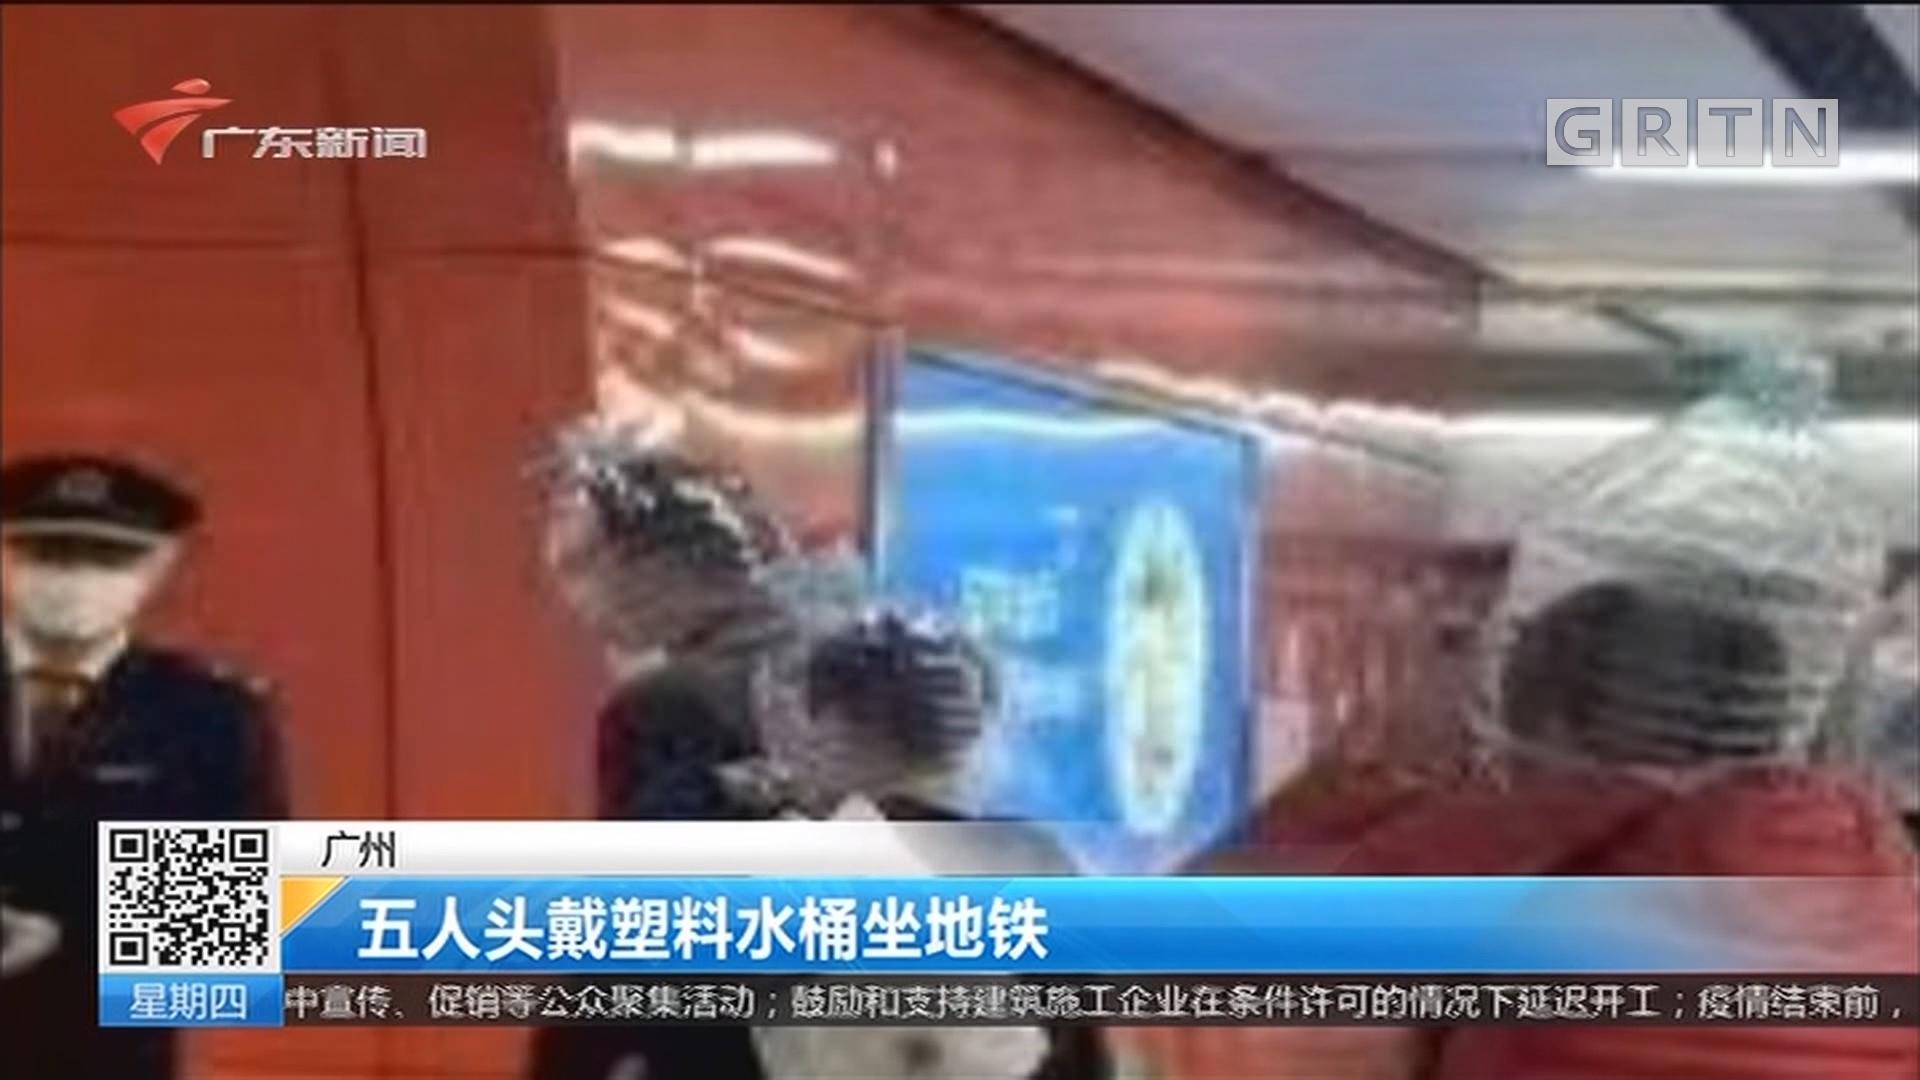 广州:五人头戴塑料水桶坐地铁